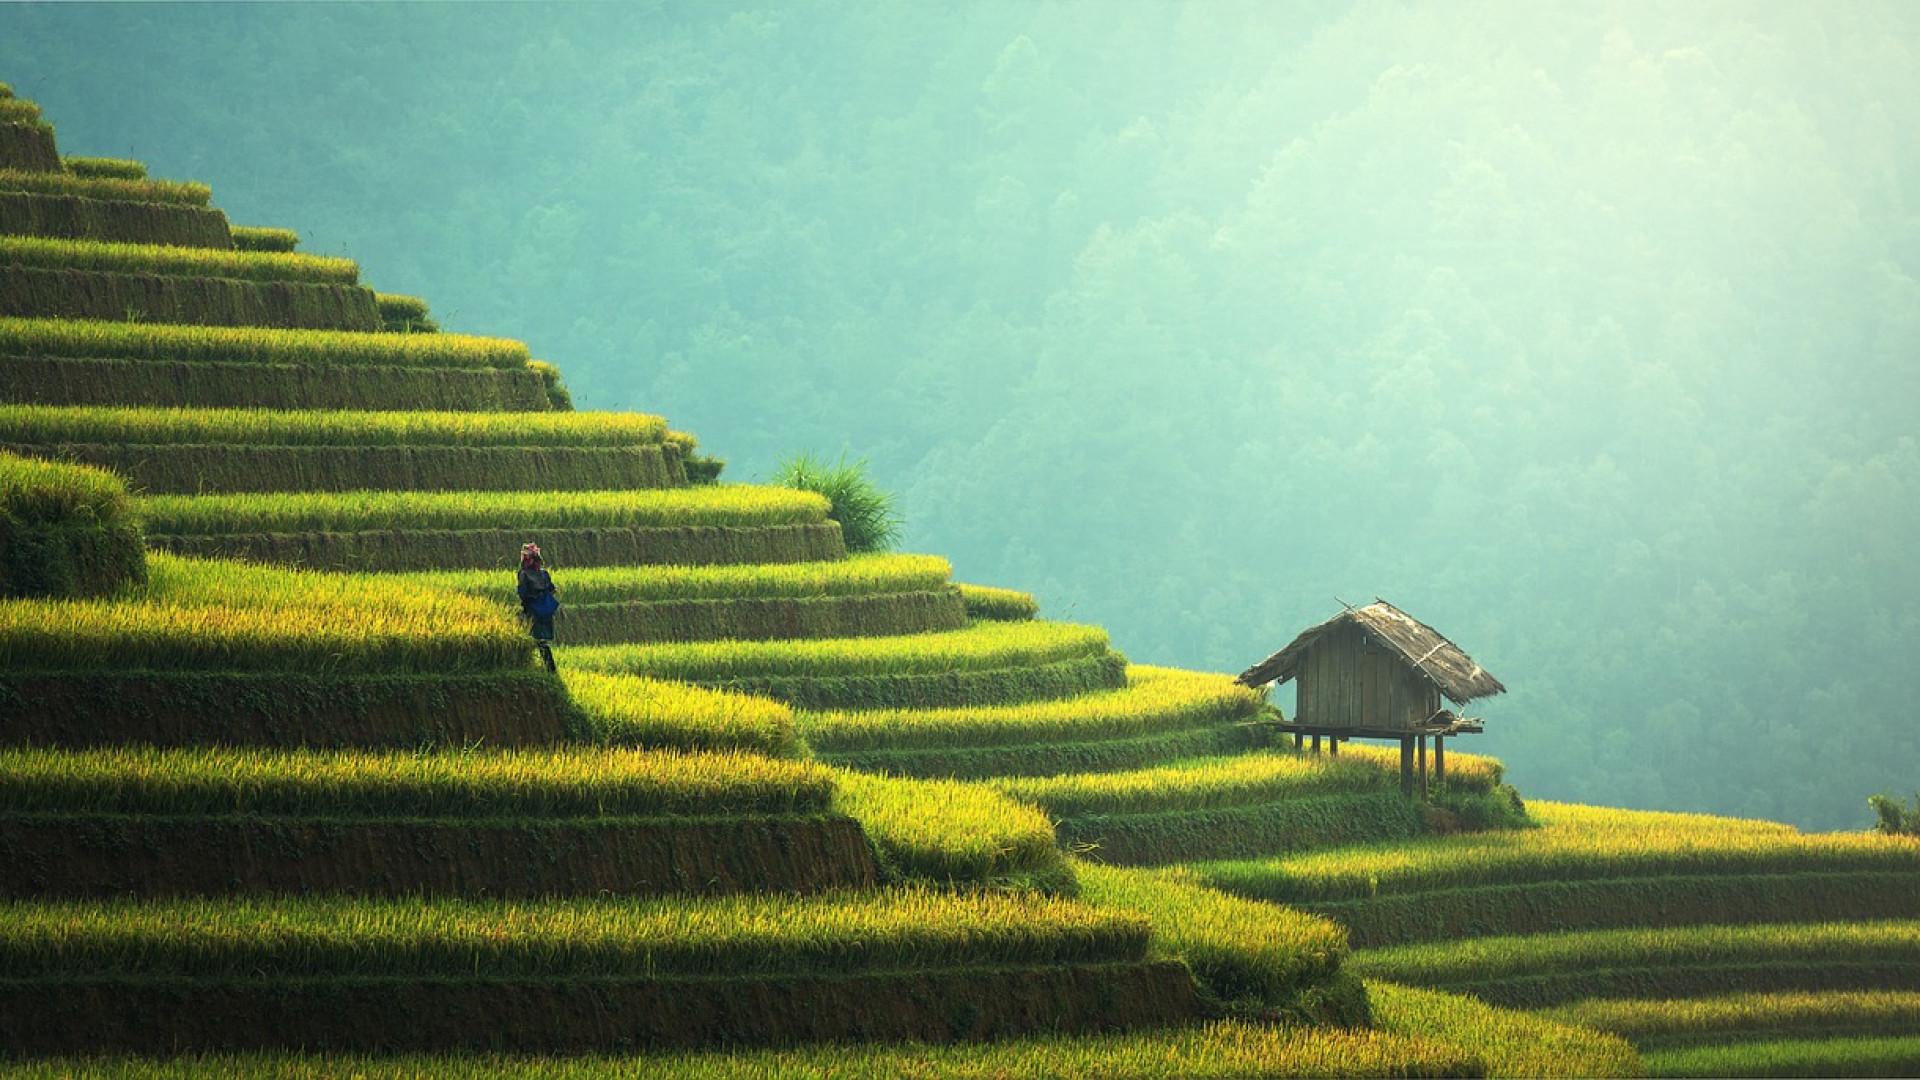 Préparez votre voyage en Thaïlande en réservant votre visa à l'avance